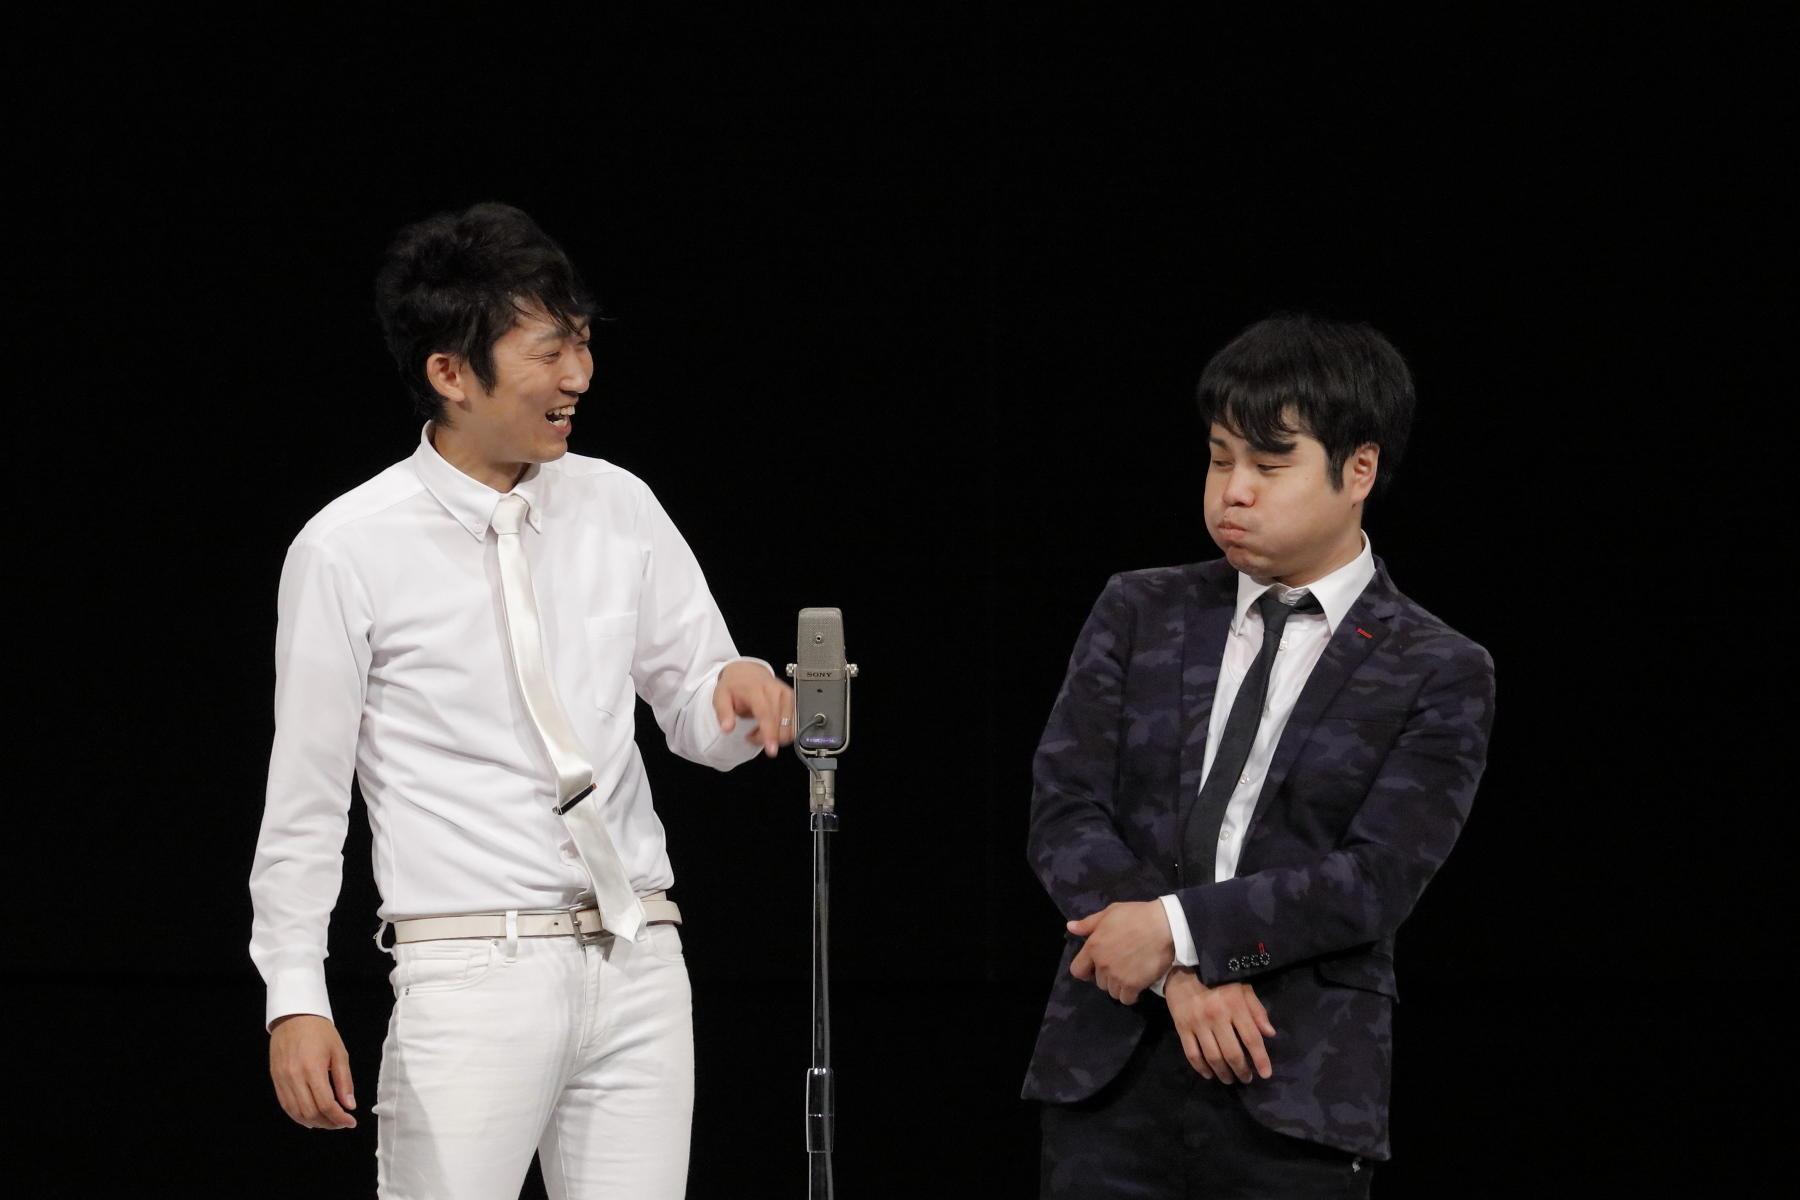 http://news.yoshimoto.co.jp/20171112130333-bd3587e97d6d829f9d83c044051de33e11181aec.jpg